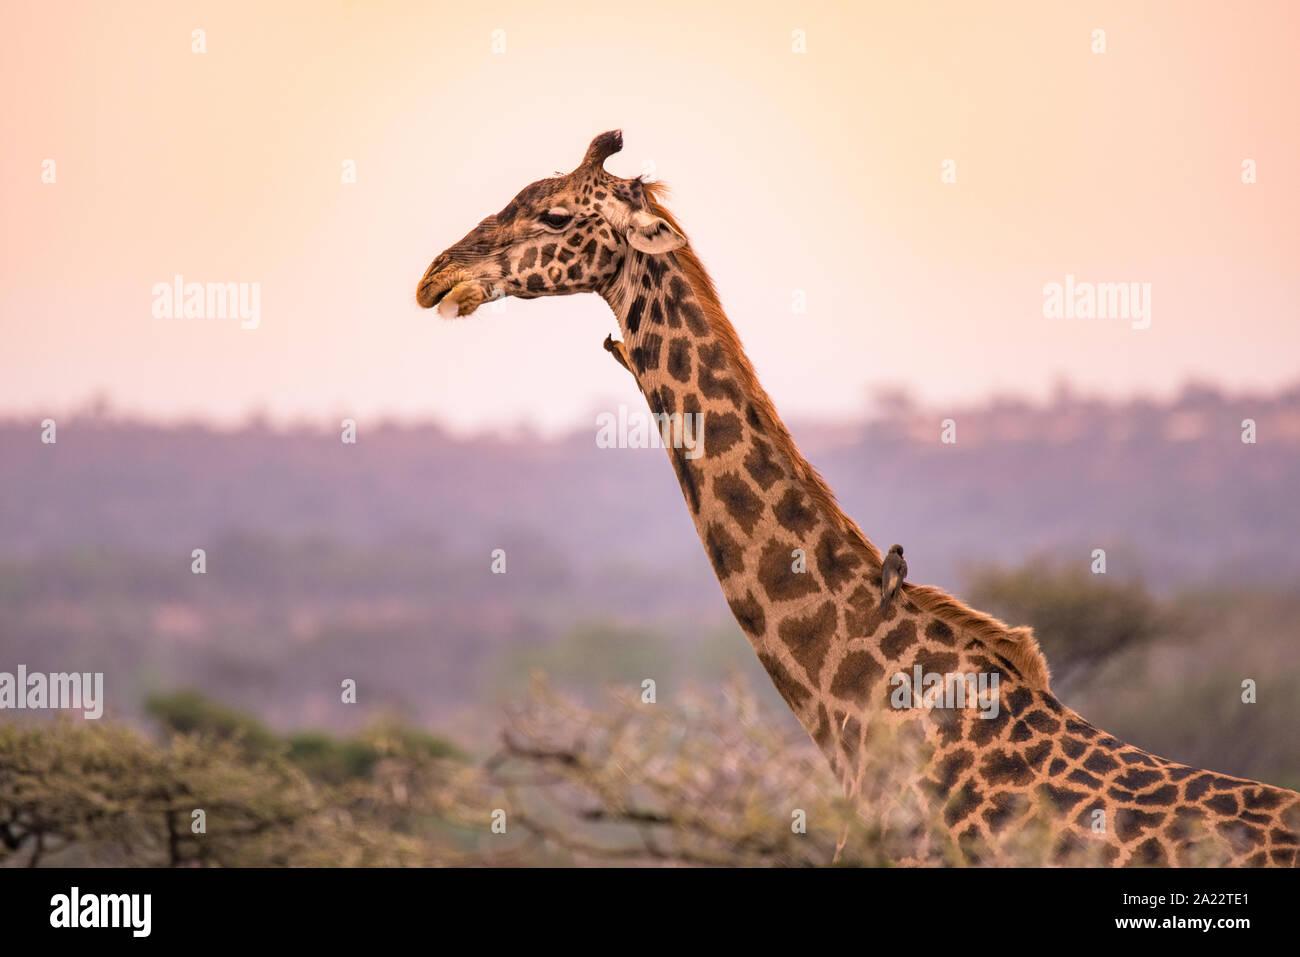 Einsame Giraffen in der Savanne der Serengeti National Park bei Sonnenuntergang. Wilde Natur von Tansania - Afrika. Safari Reiseziel. Stockfoto